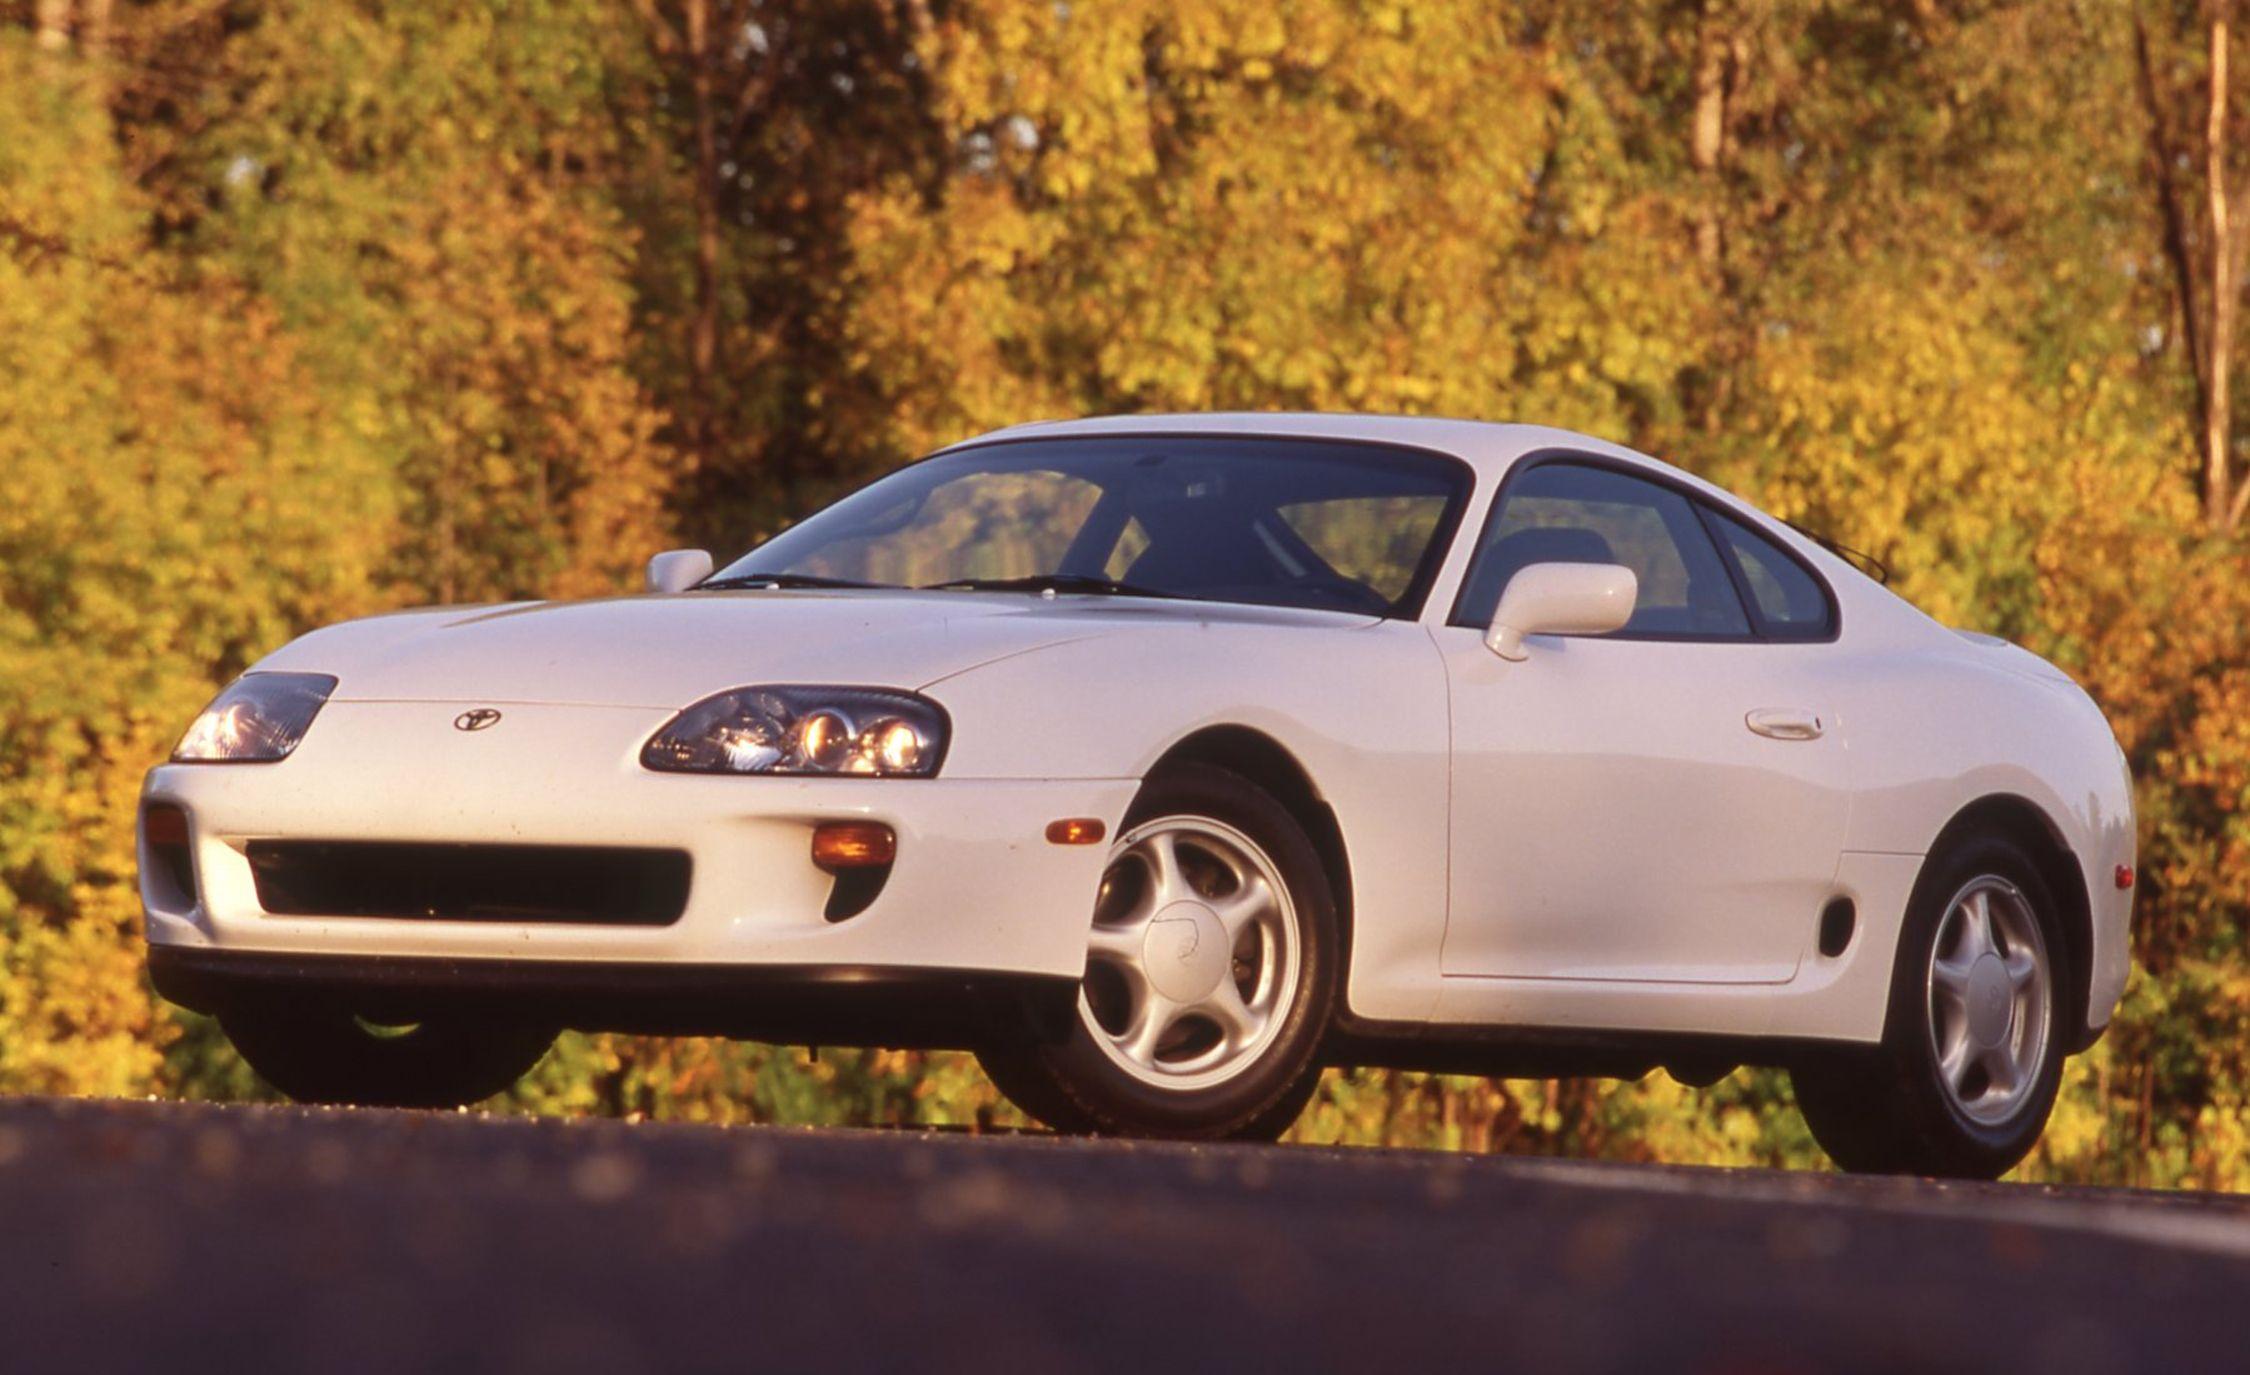 Kelebihan Toyota Supra 1994 Murah Berkualitas